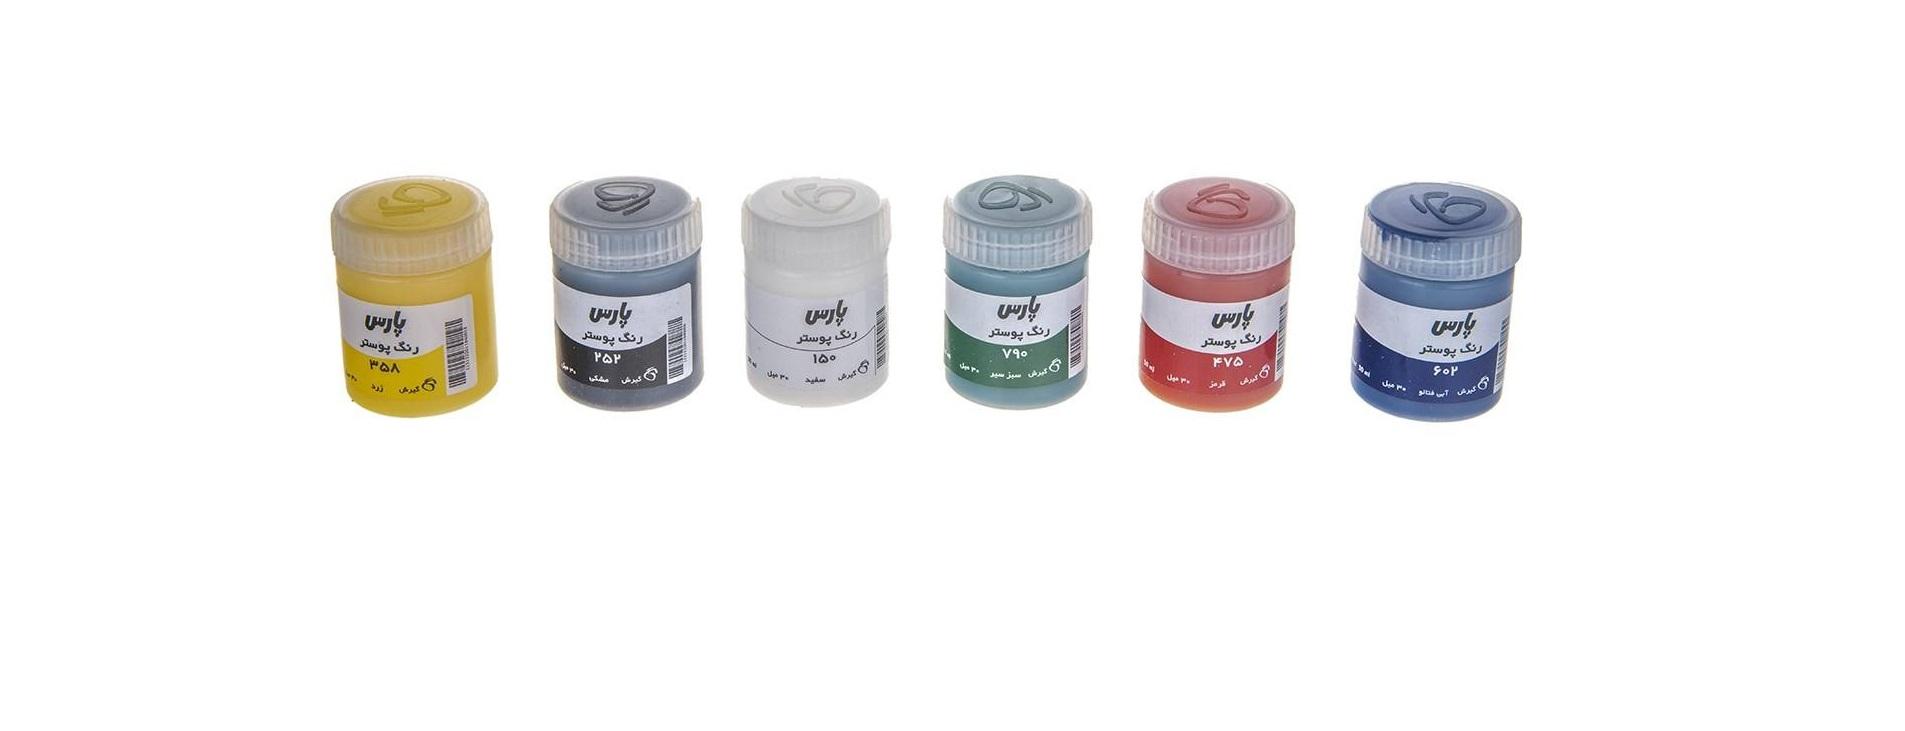 گواش ۶ رنگ پارس مدل ۰۰۳۷